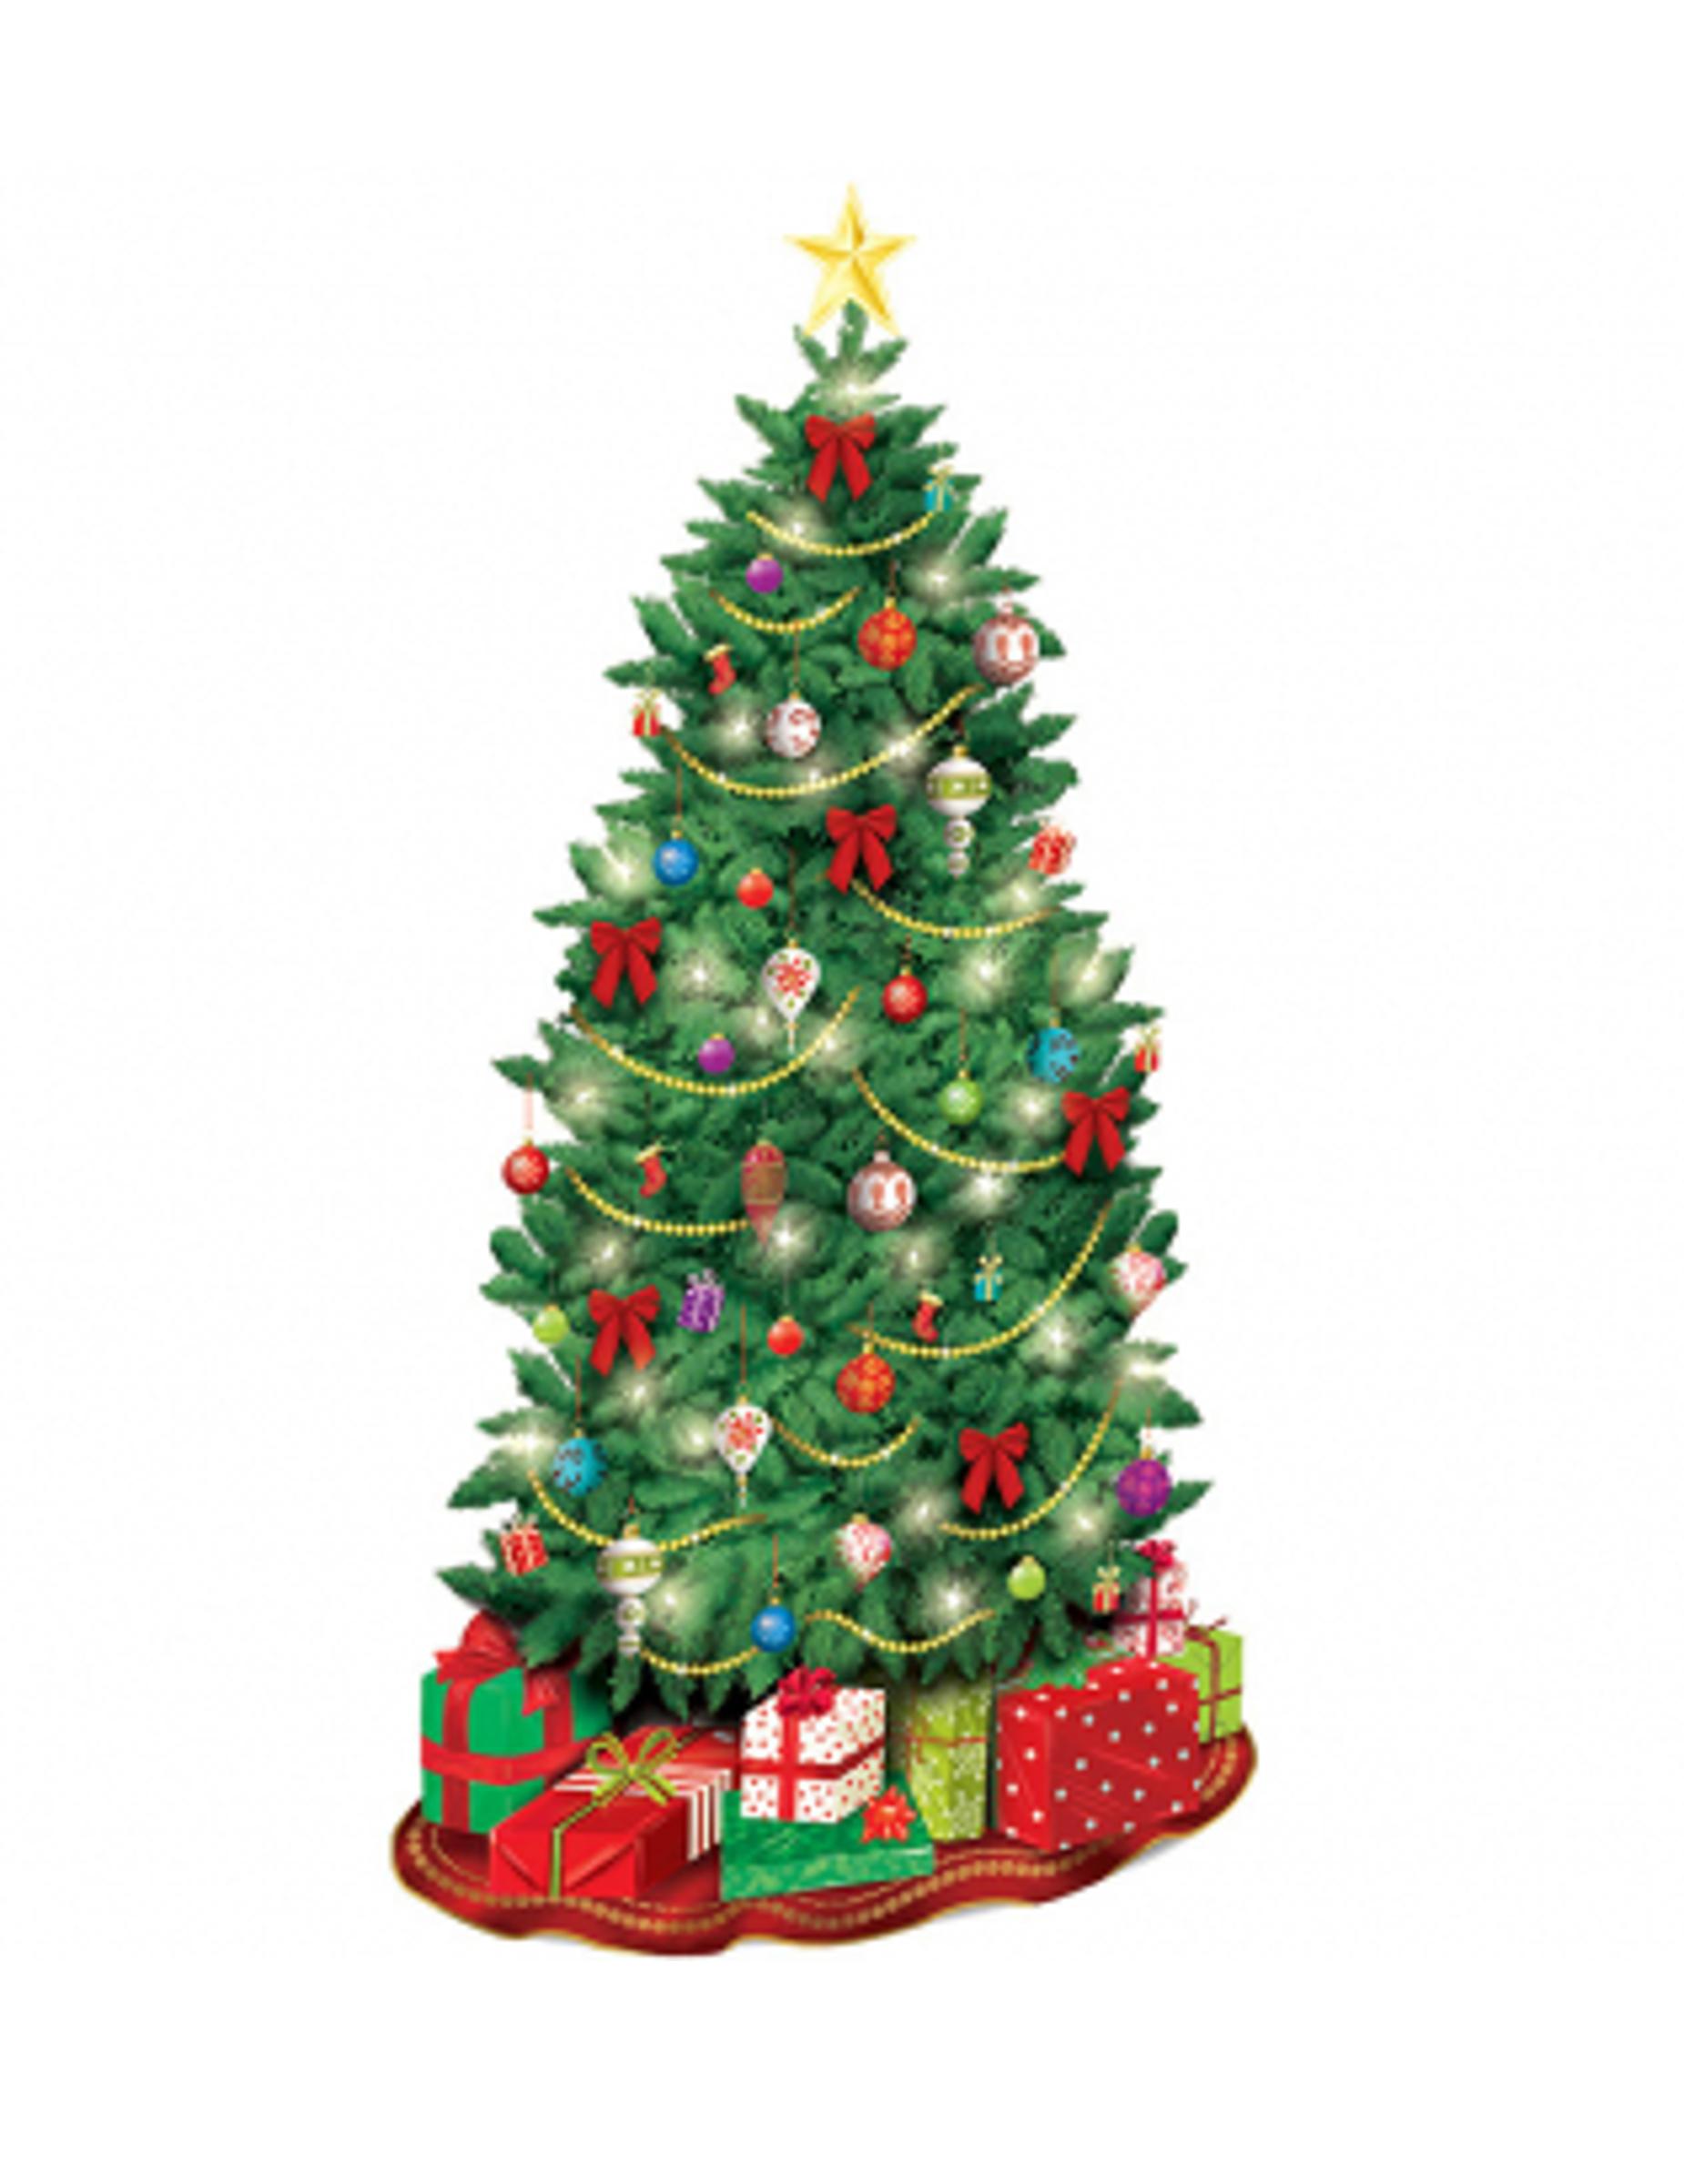 Decorazioni Natalizie Di Cartone.Decorazione Murale Di Cartone A Forma Di Albero Di Natale Su Vegaooparty Negozio Di Articoli Per Feste